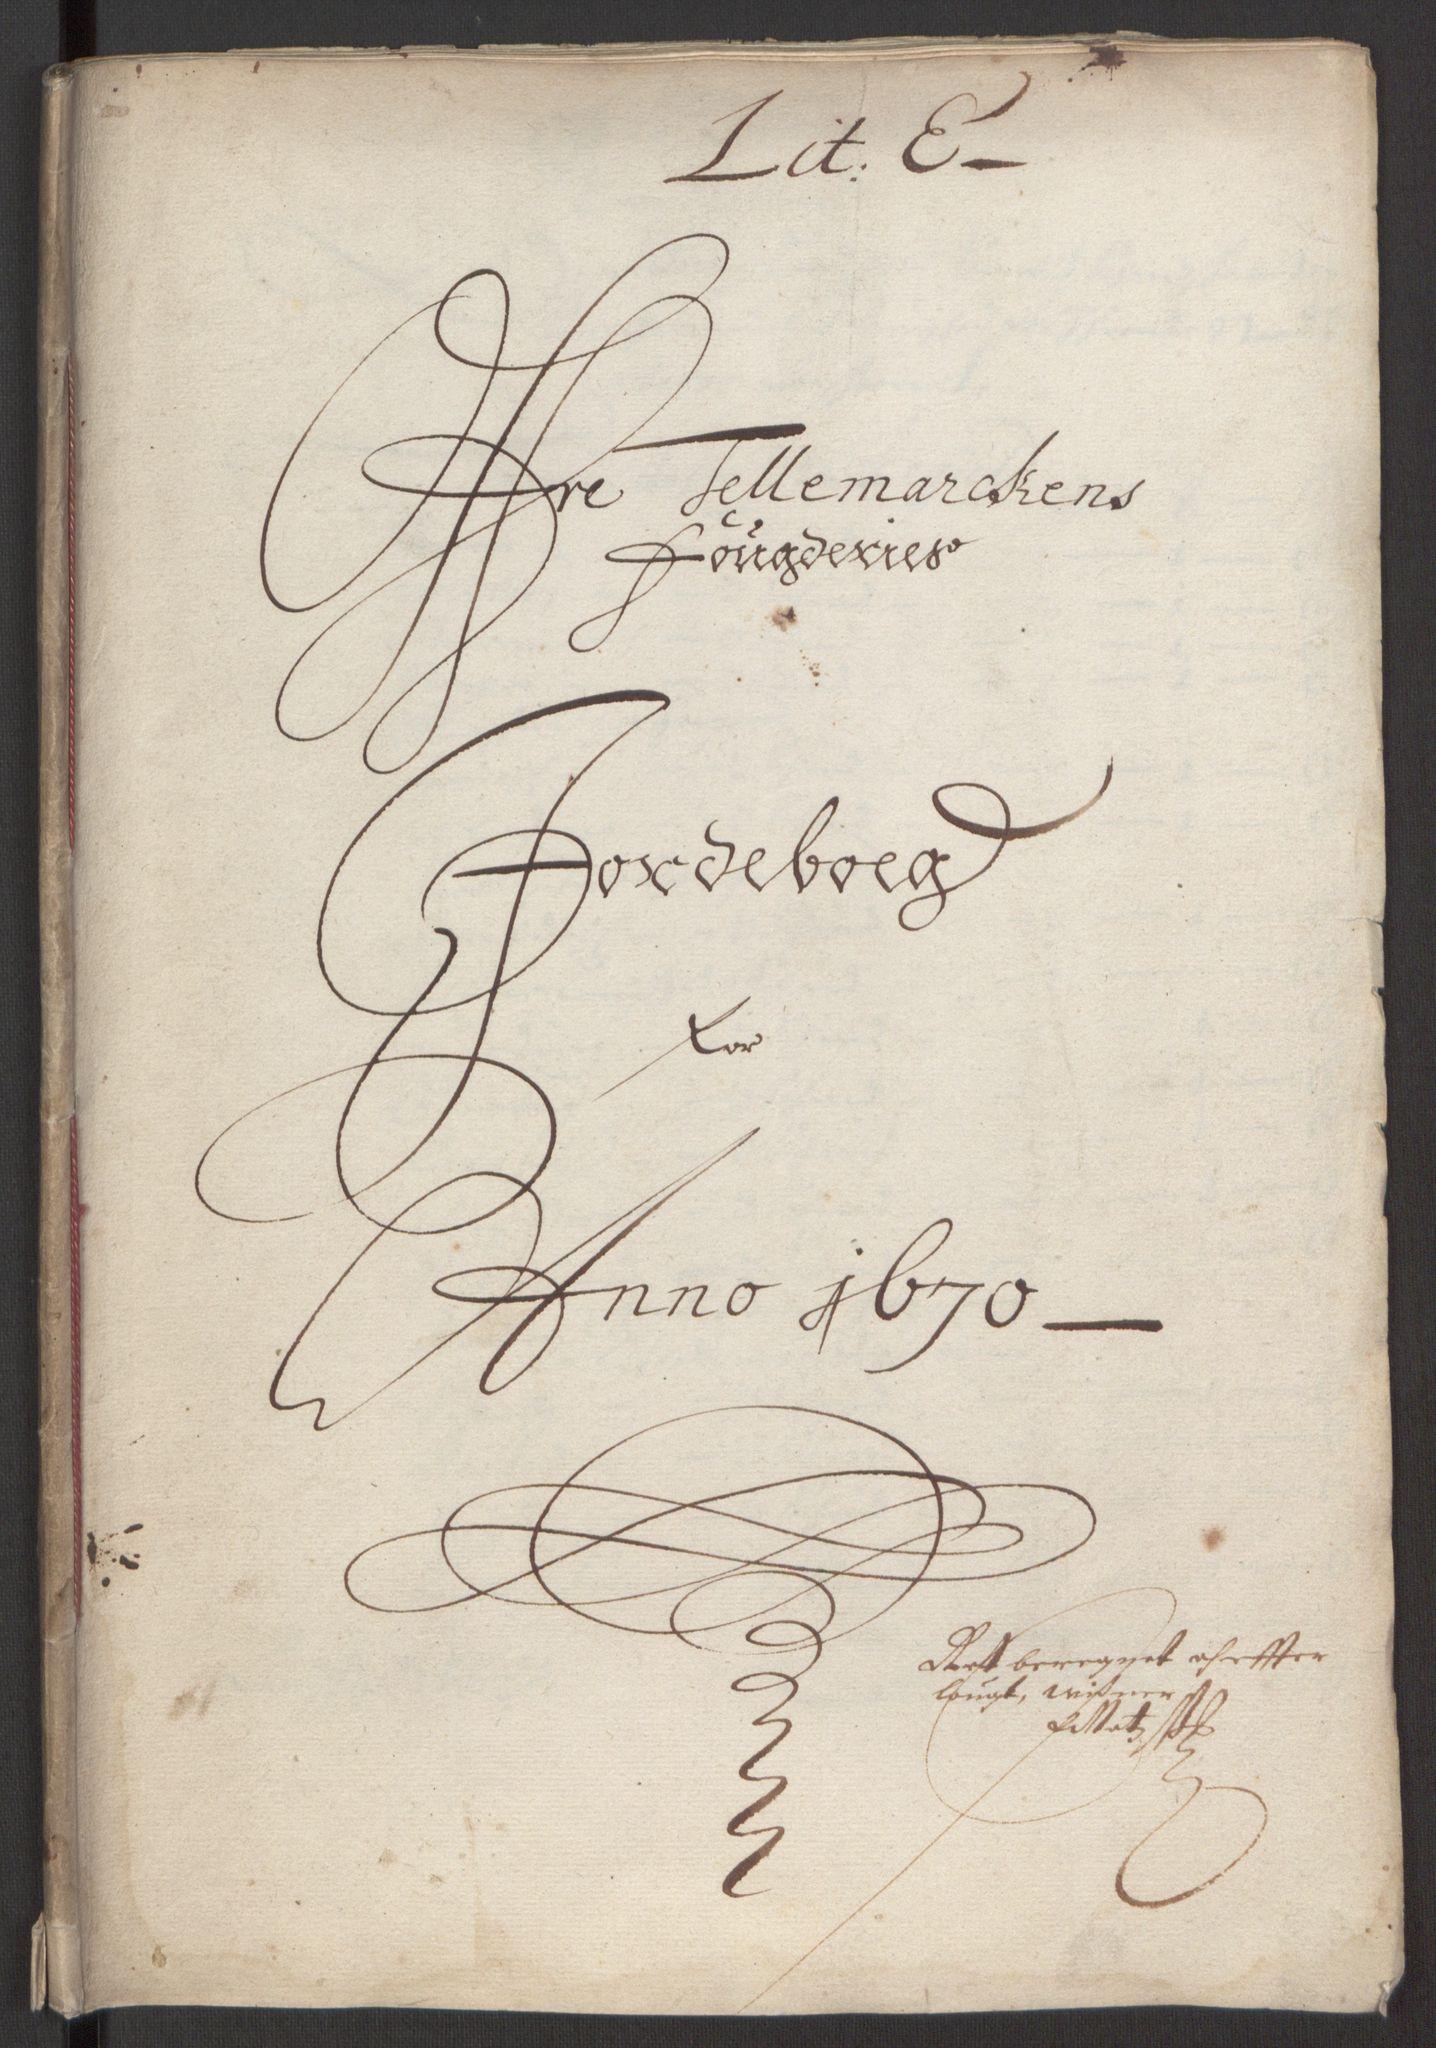 RA, Rentekammeret inntil 1814, Reviderte regnskaper, Fogderegnskap, R35/L2059: Fogderegnskap Øvre og Nedre Telemark, 1668-1670, s. 226